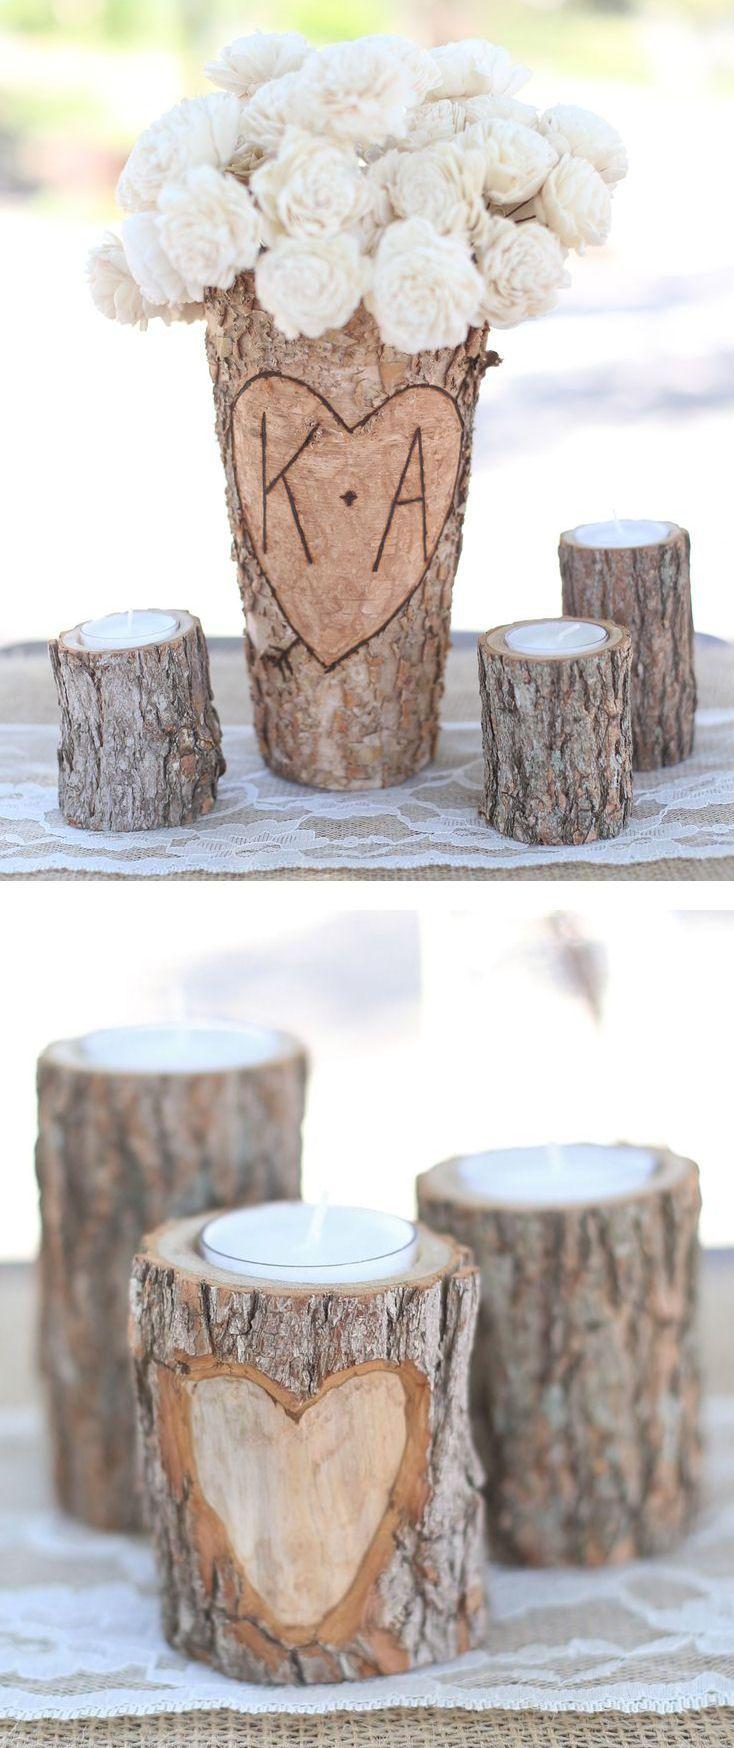 Birch Bark Candles & Vase // Great Wedding Centerpiece